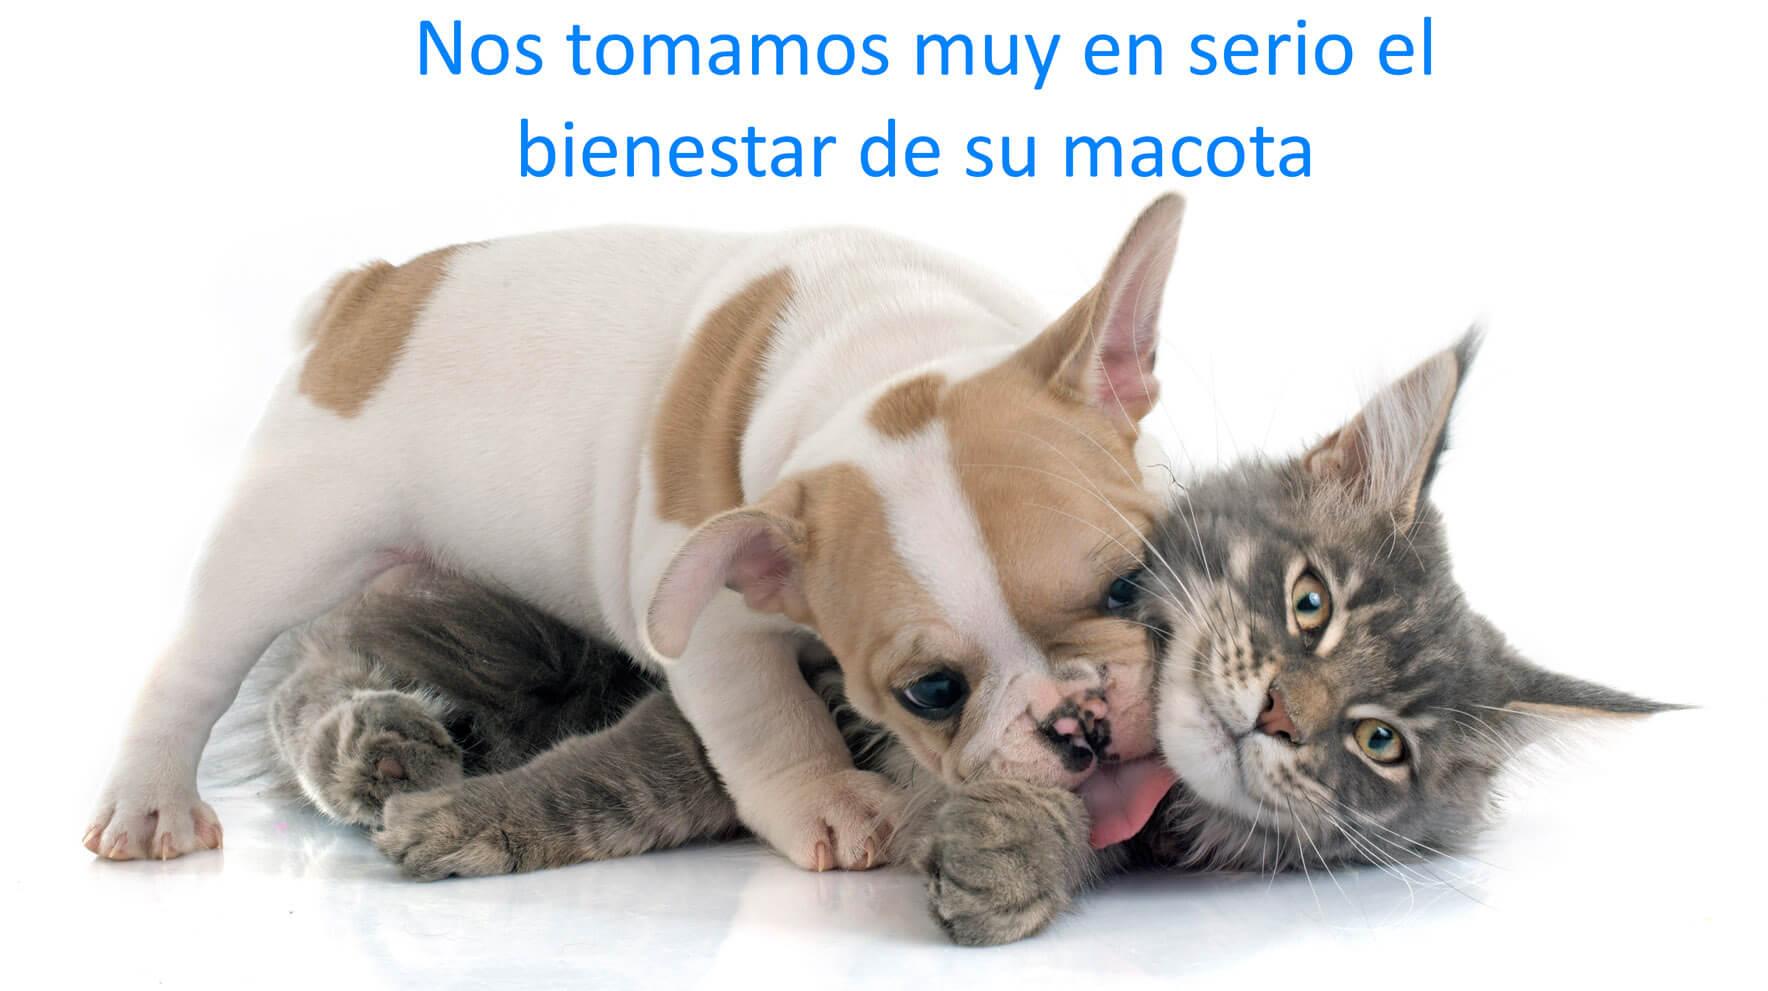 Clínica veterinaria en Tulancingo